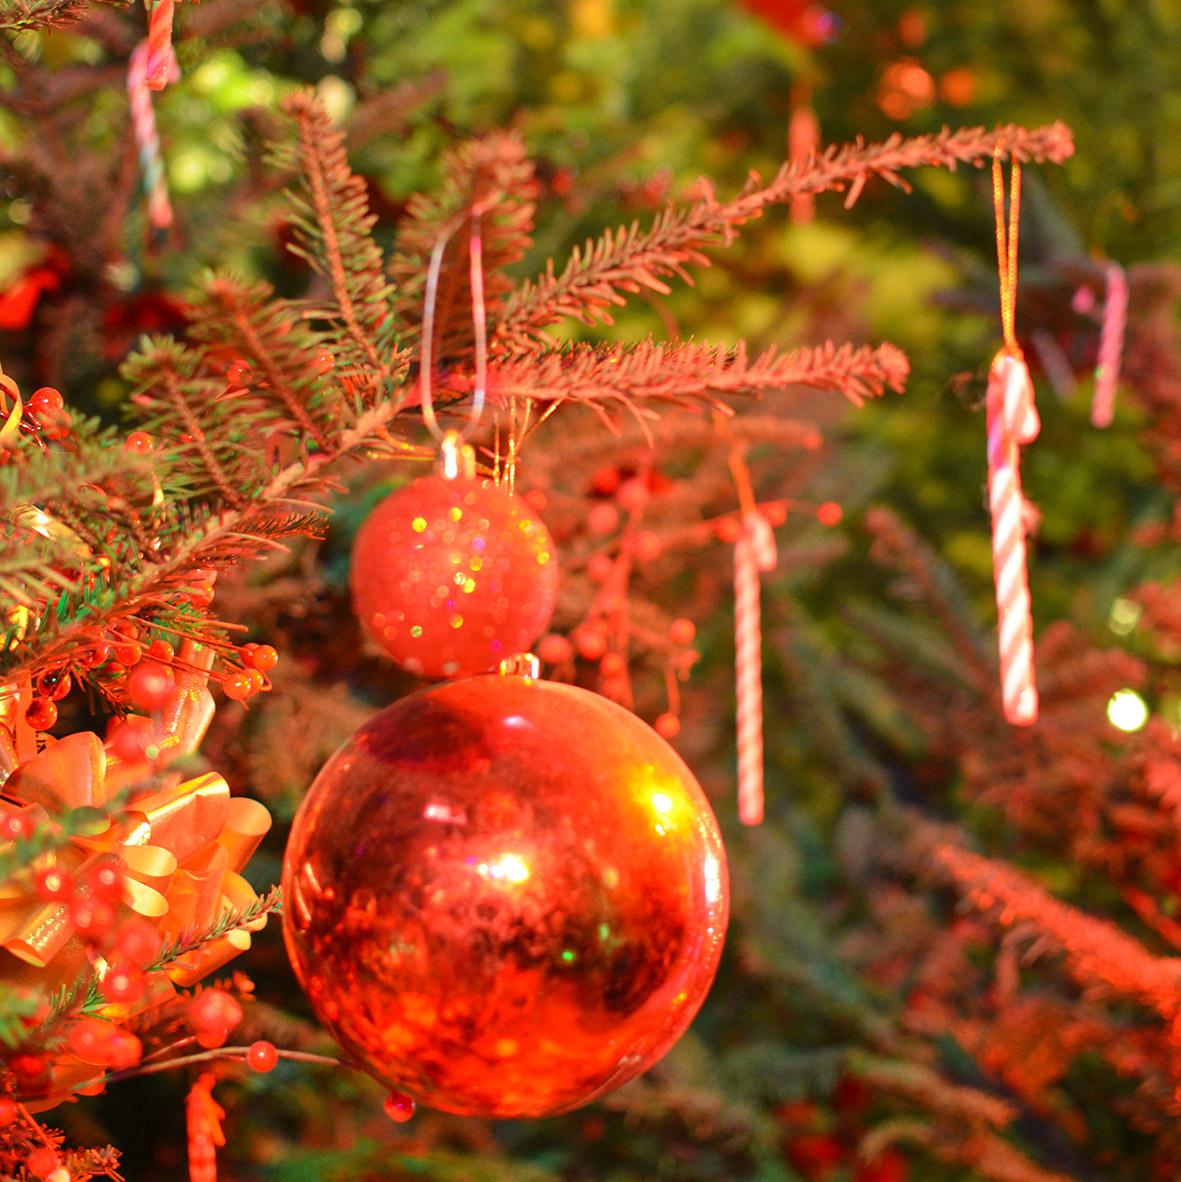 Città del natale   montecatini terme. Weekend Da Favola Alla Citta Del Natale Di Montecatini Terme Giorni Rubati